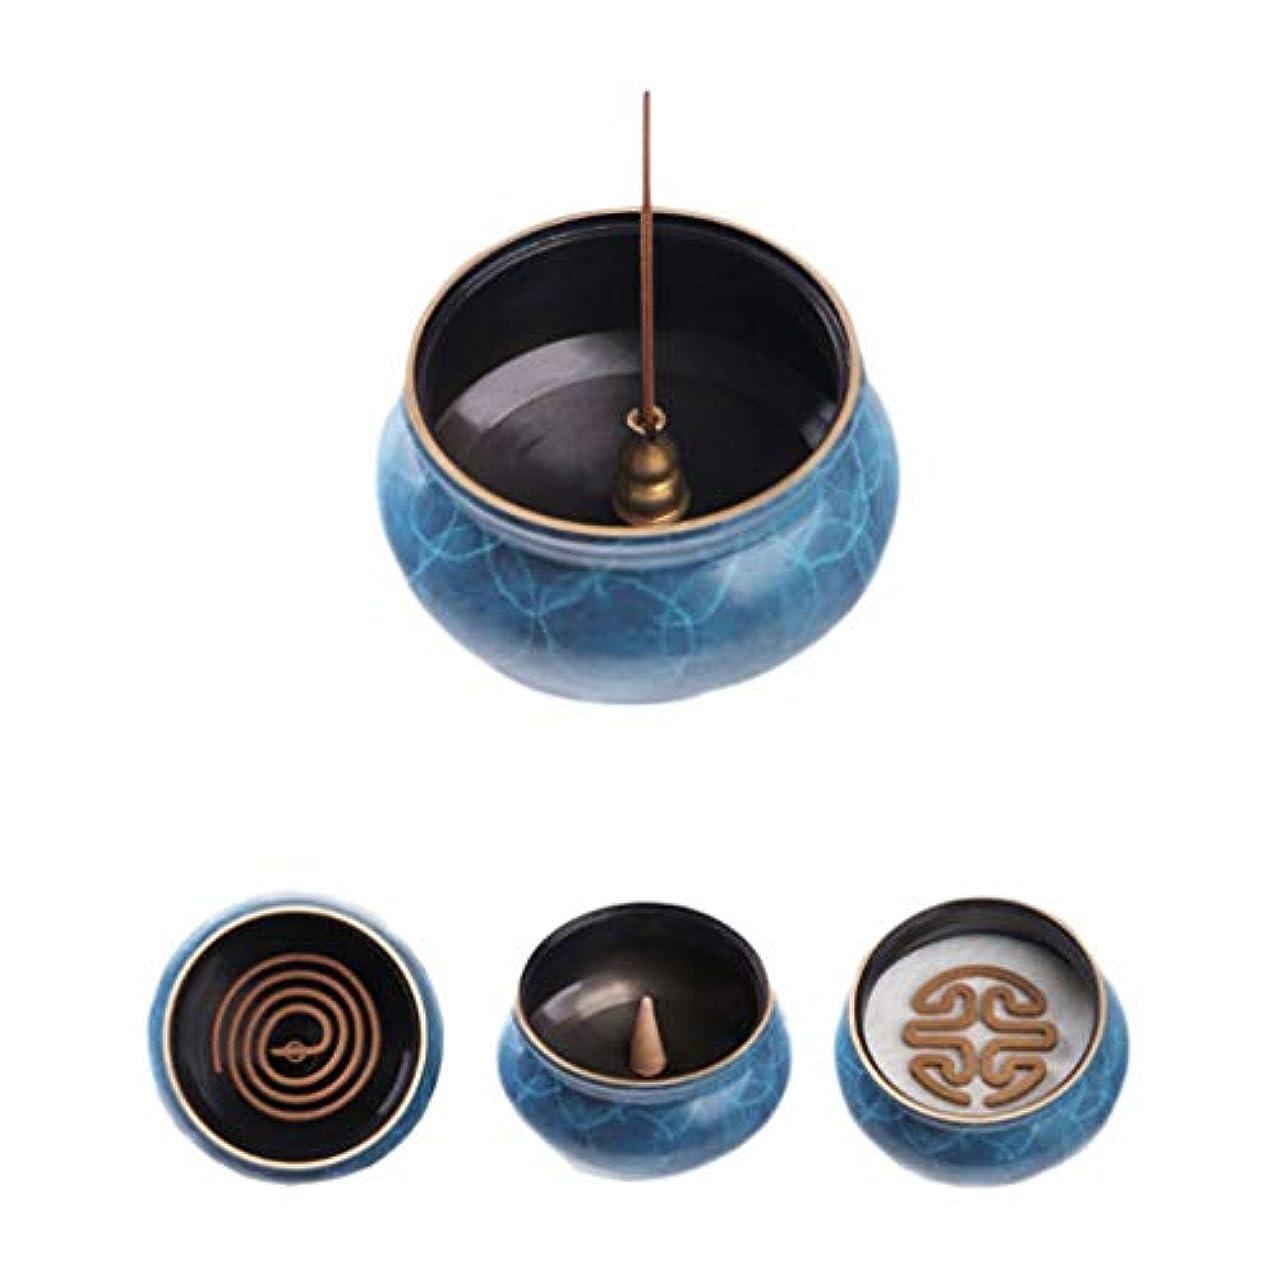 以内に修道院刺繍芳香器?アロマバーナー 純粋な銅香炉ホームアンティーク白檀用仏寒天香炉香り装飾アロマセラピー炉 芳香器?アロマバーナー (Color : Blue copper)